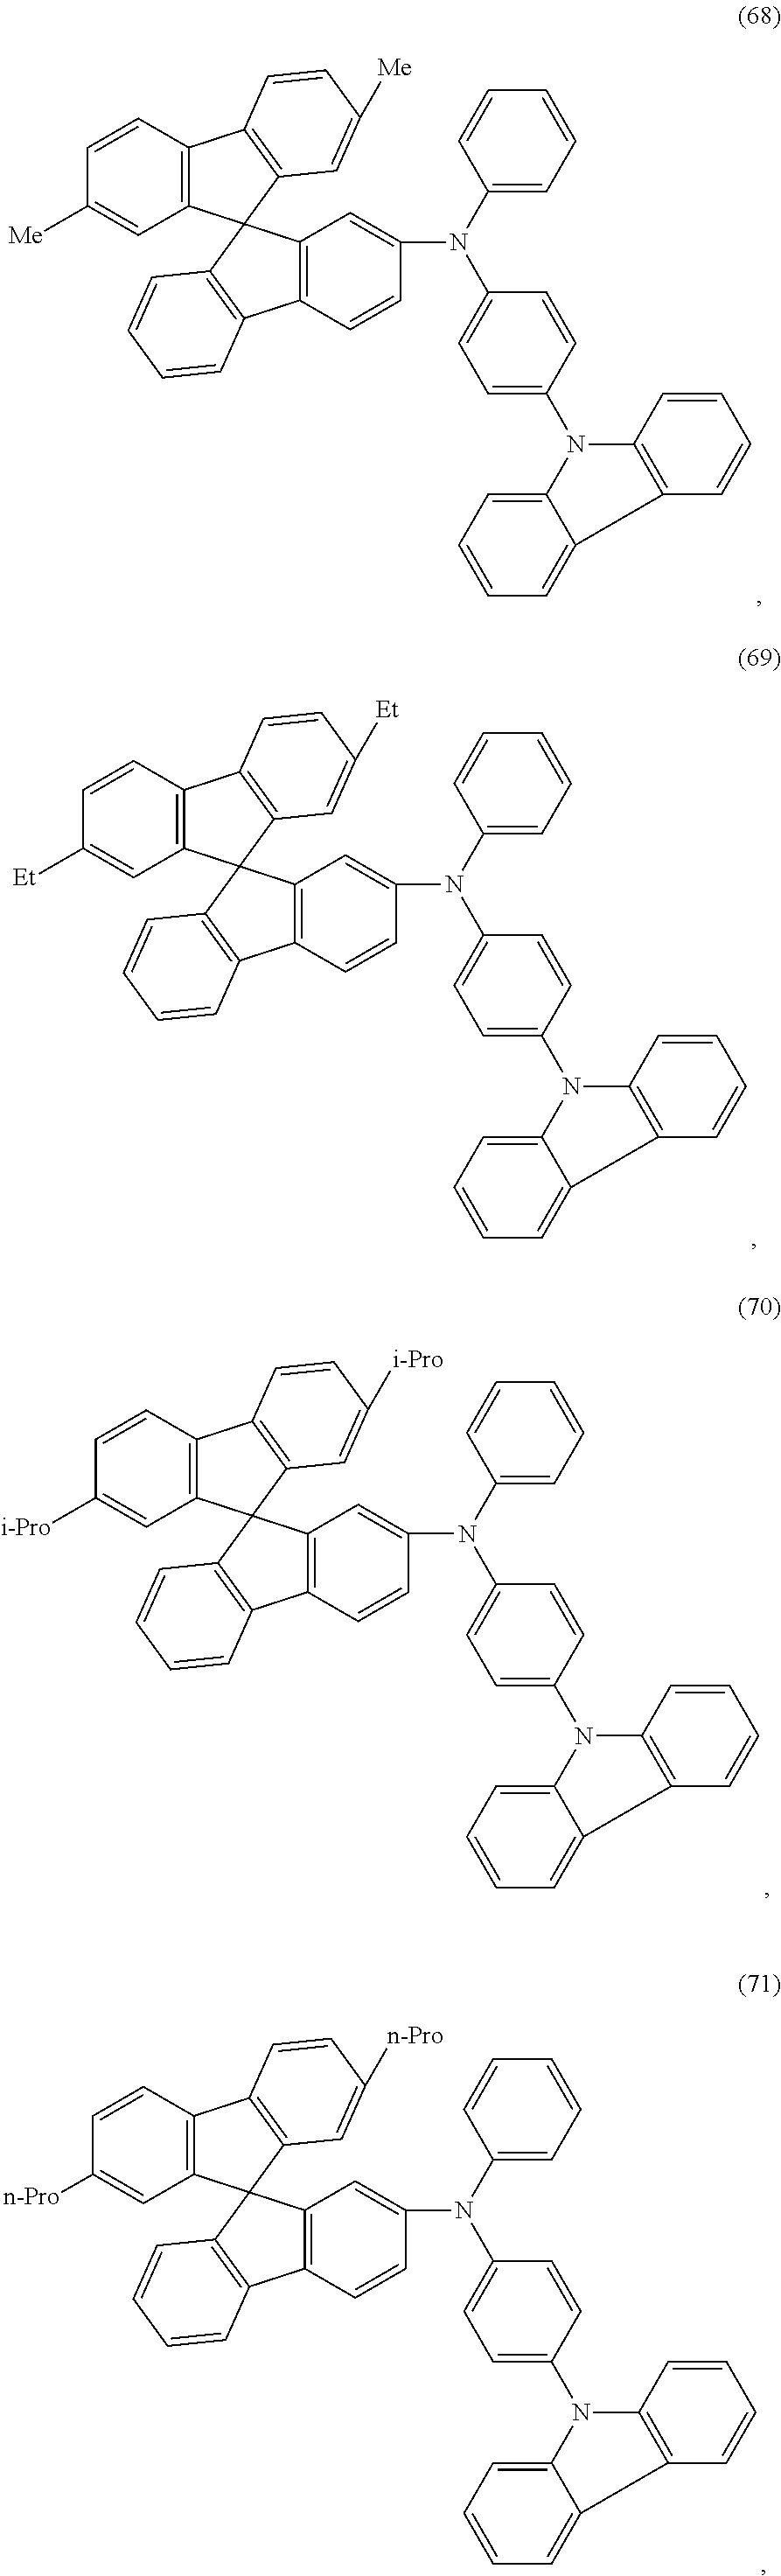 Figure US09548457-20170117-C00061